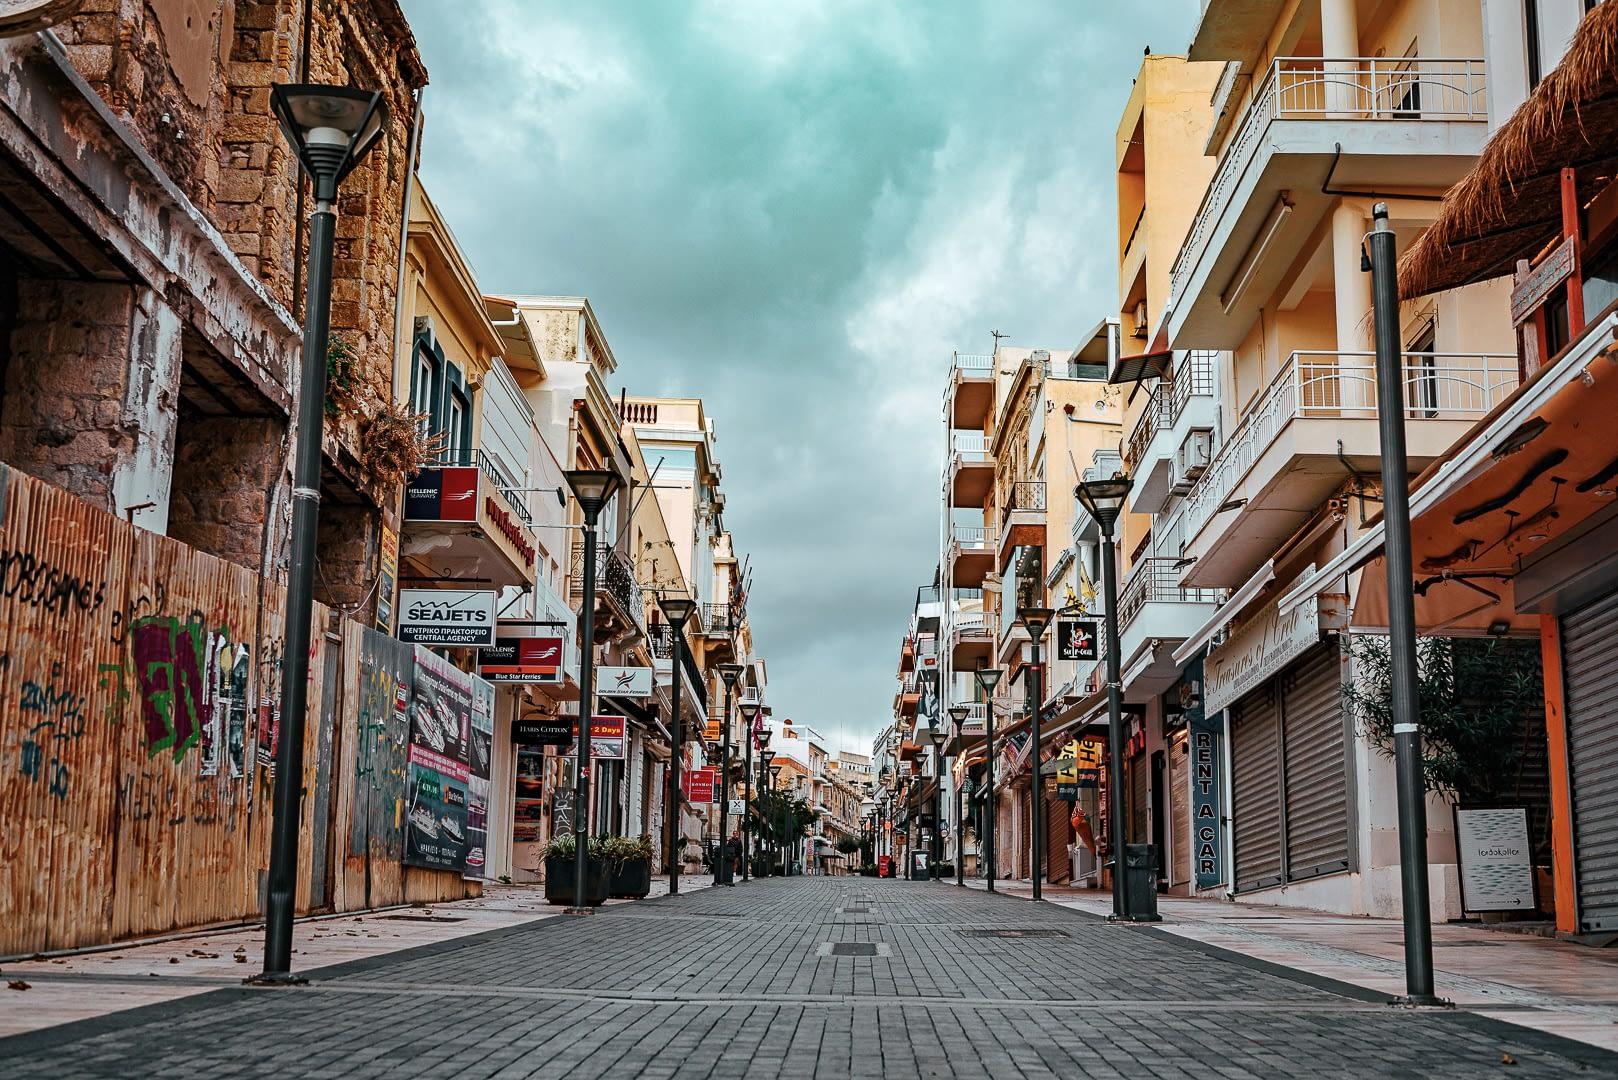 City oh heraklion in crete during quarantine period.